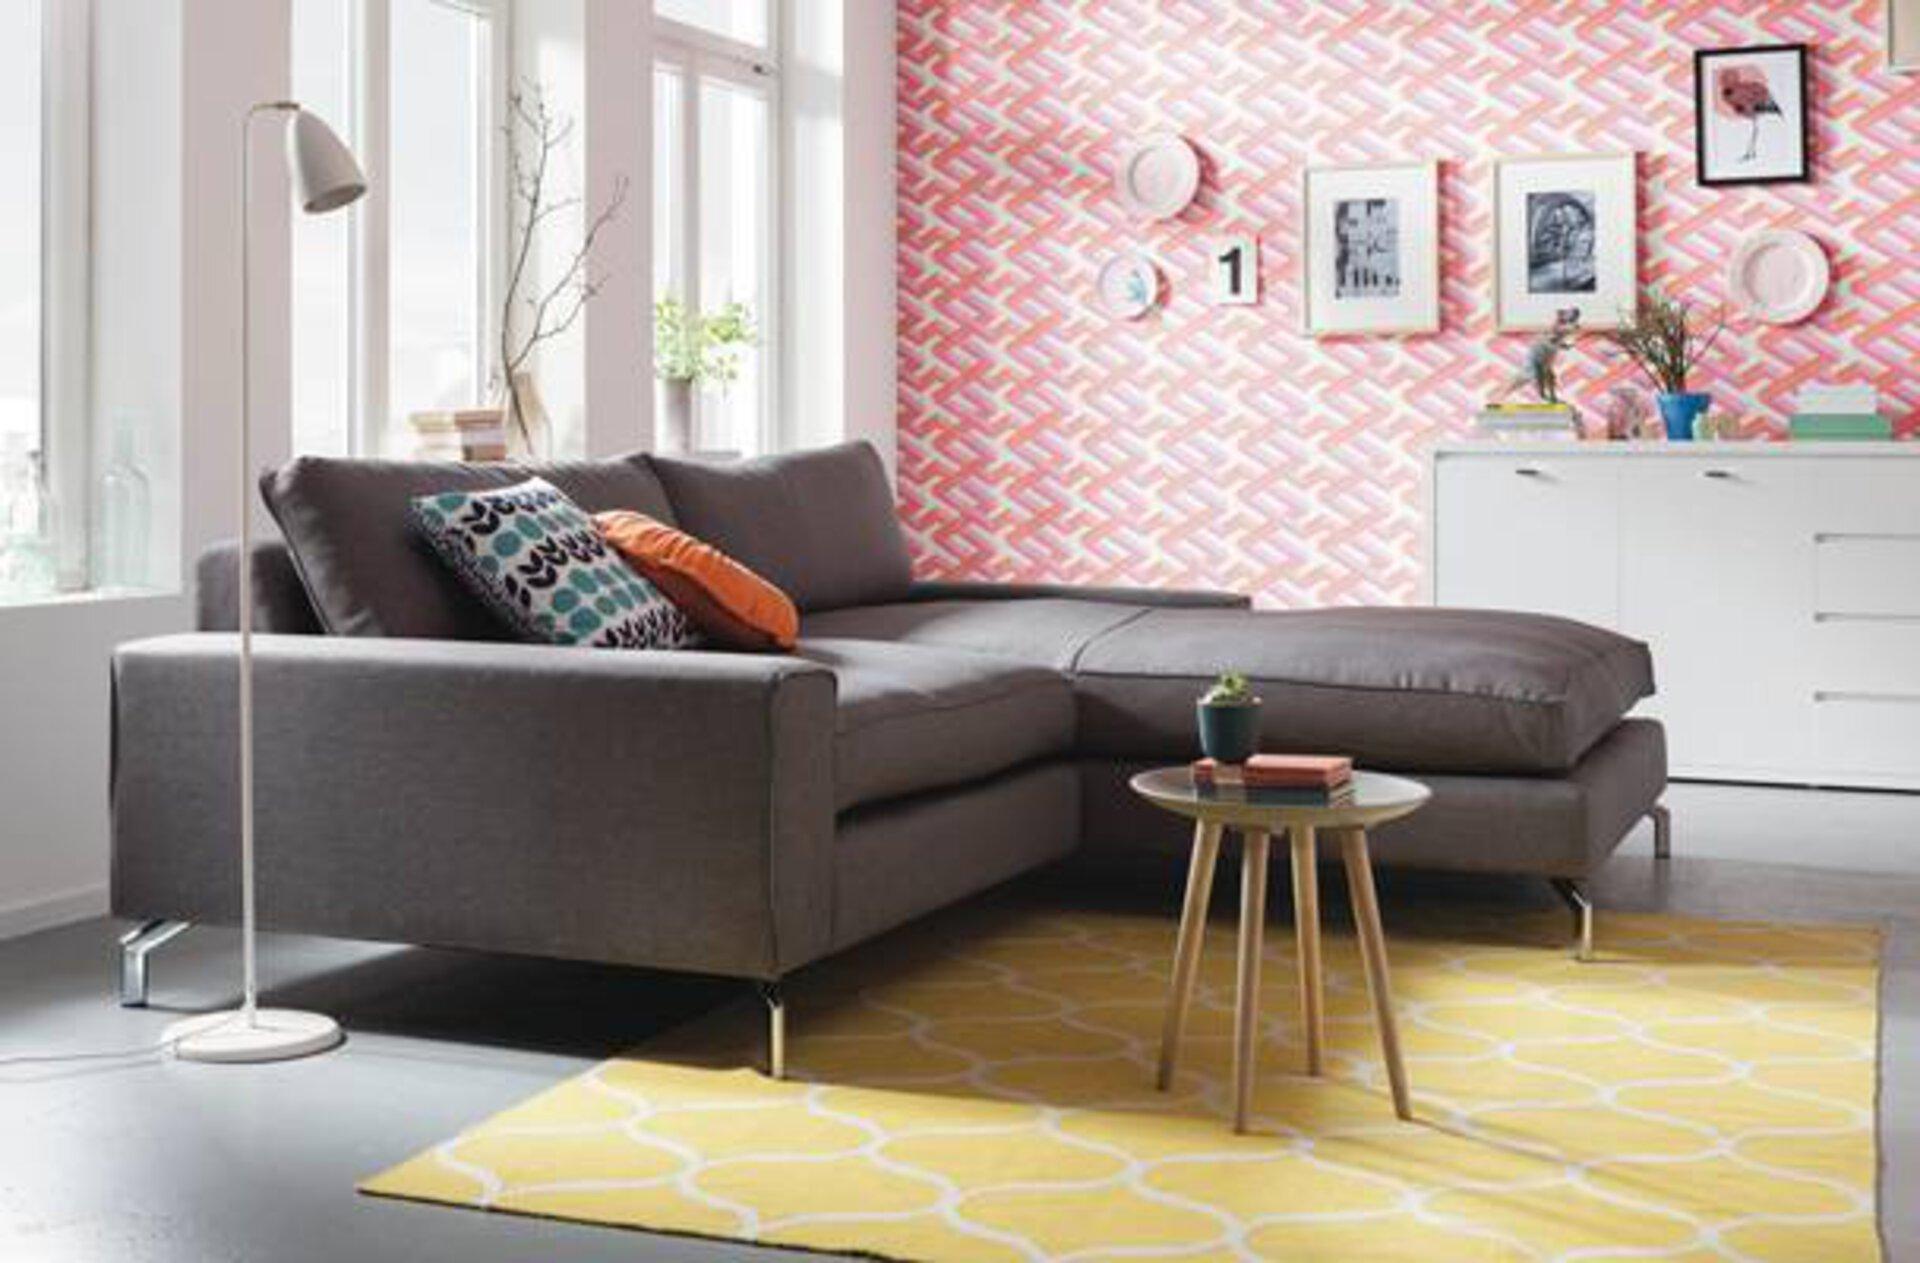 Das cleane und geradlinige Sofa im Micro Living Stil  passt sich perfekt in jedes Einrichtungskonzept ein.